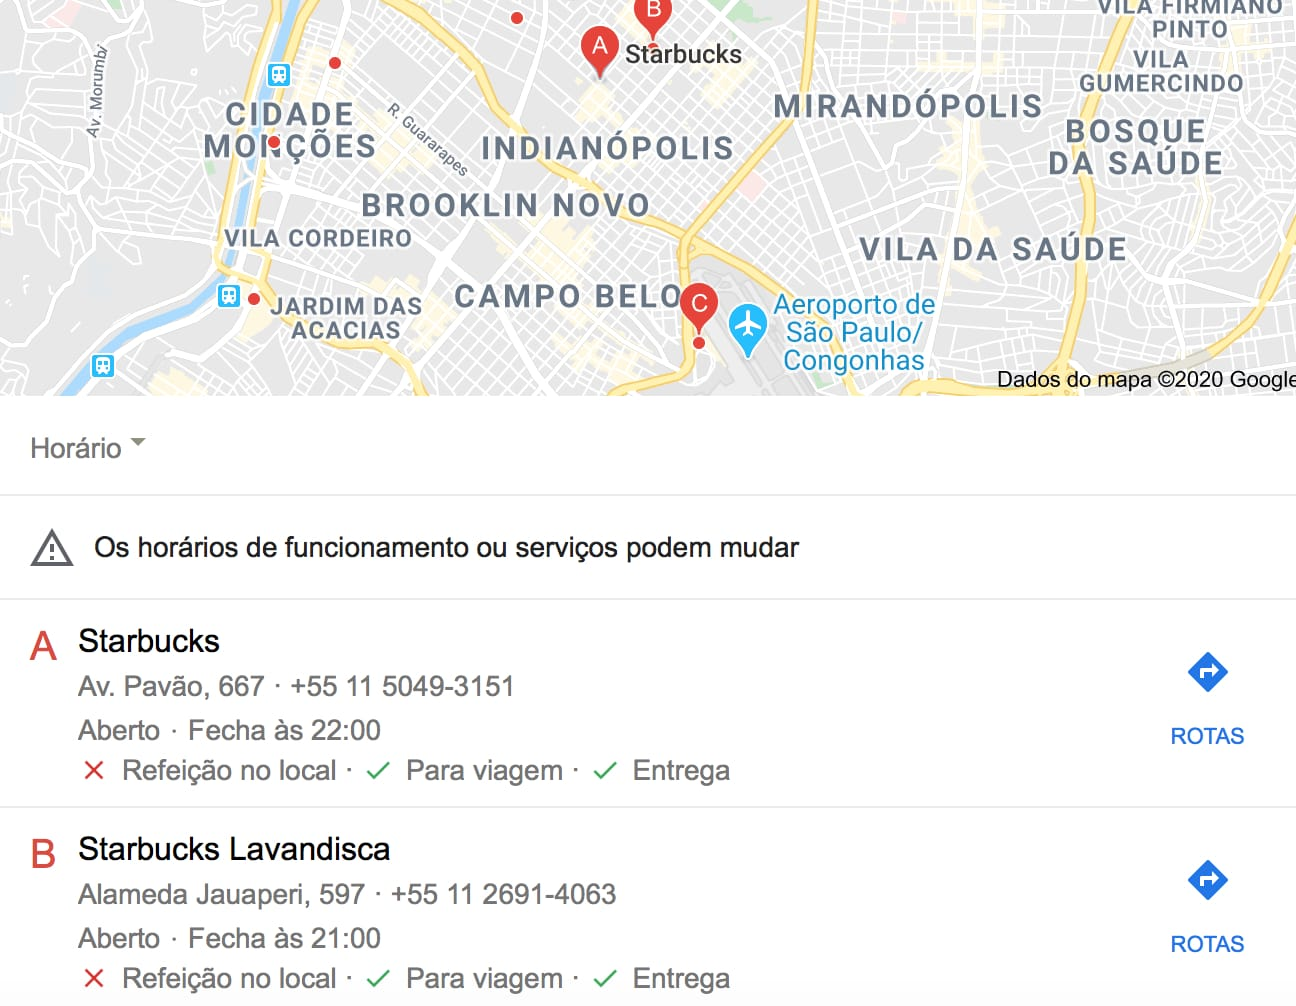 google-starbucks-atributos